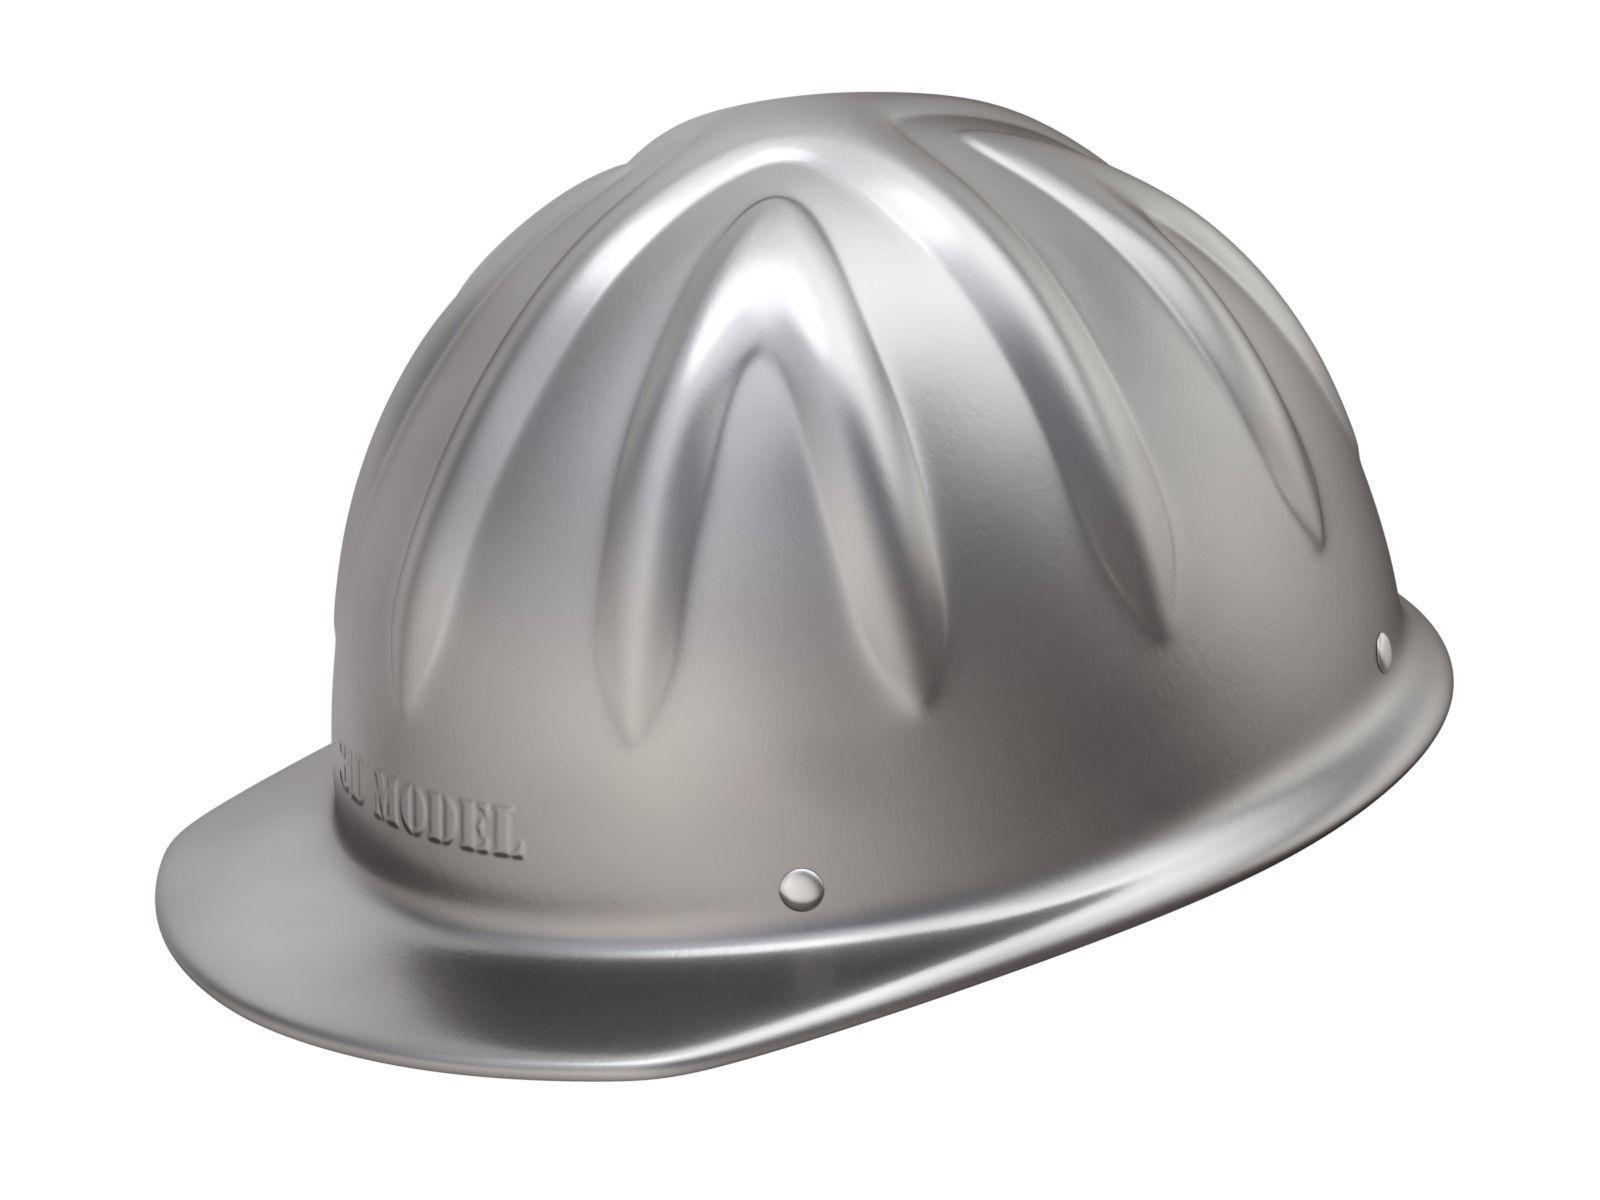 Skull Bucket Aluminum Hard Cap - shell only